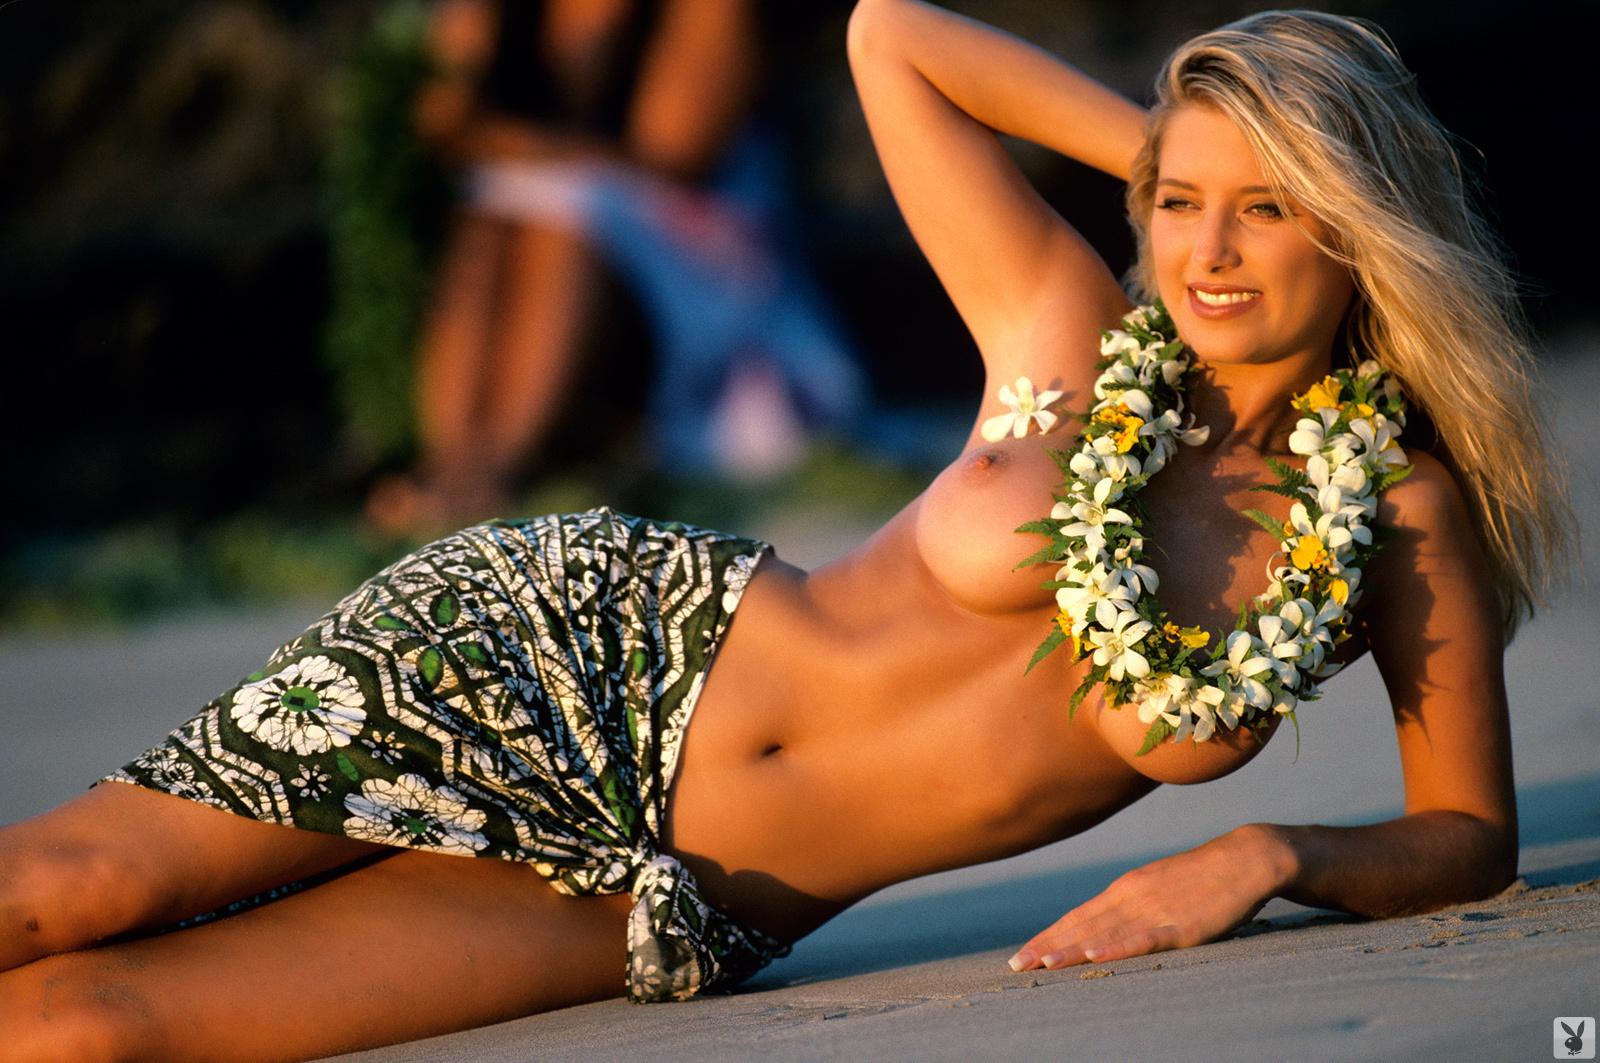 Hawaii girls hot nude - New porn